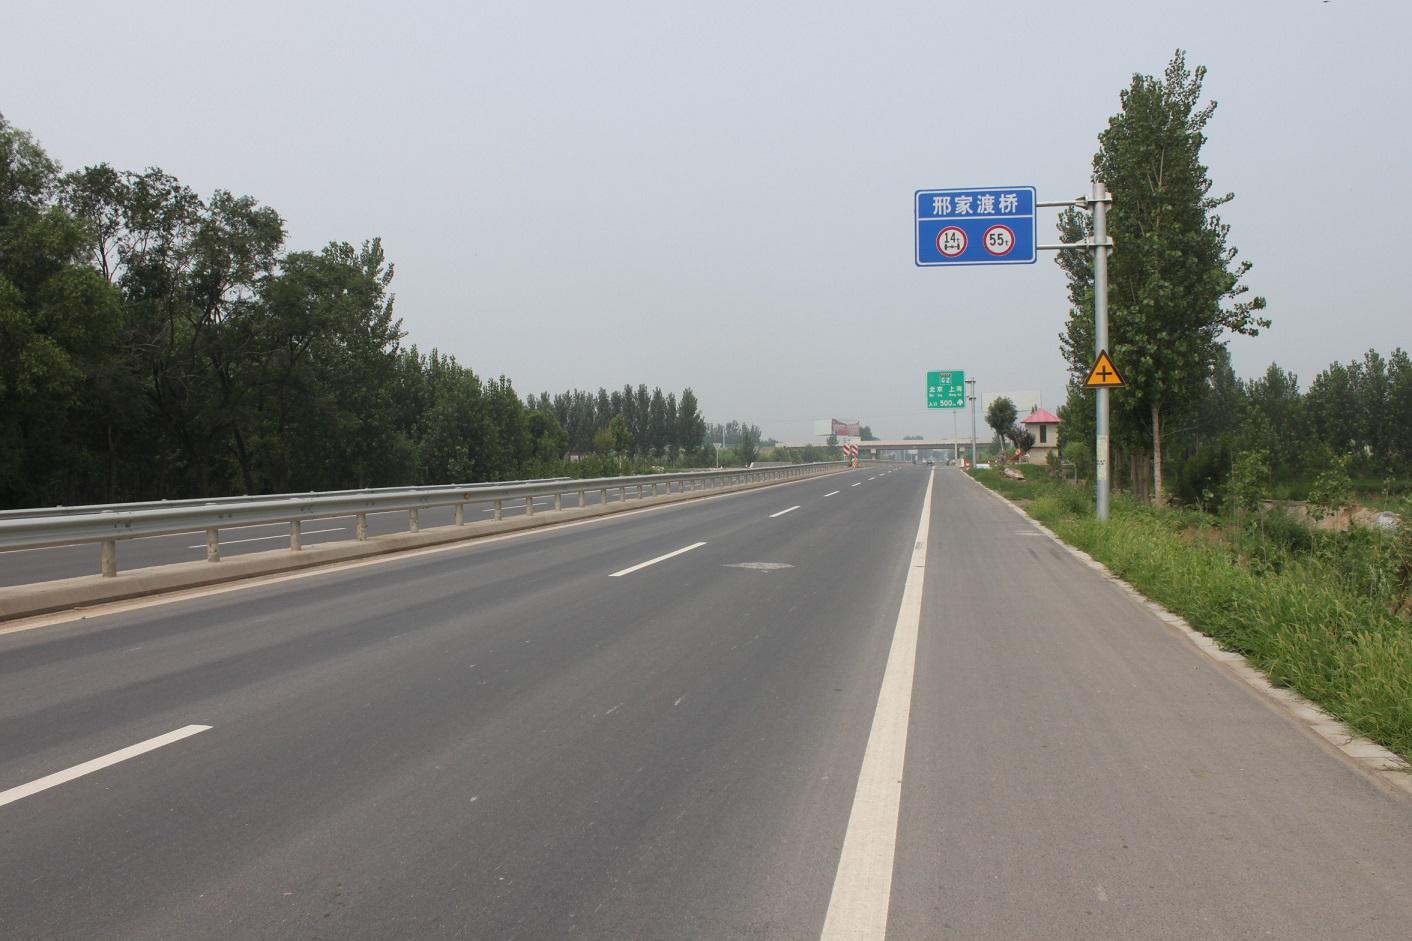 济乐高速济阳连接线